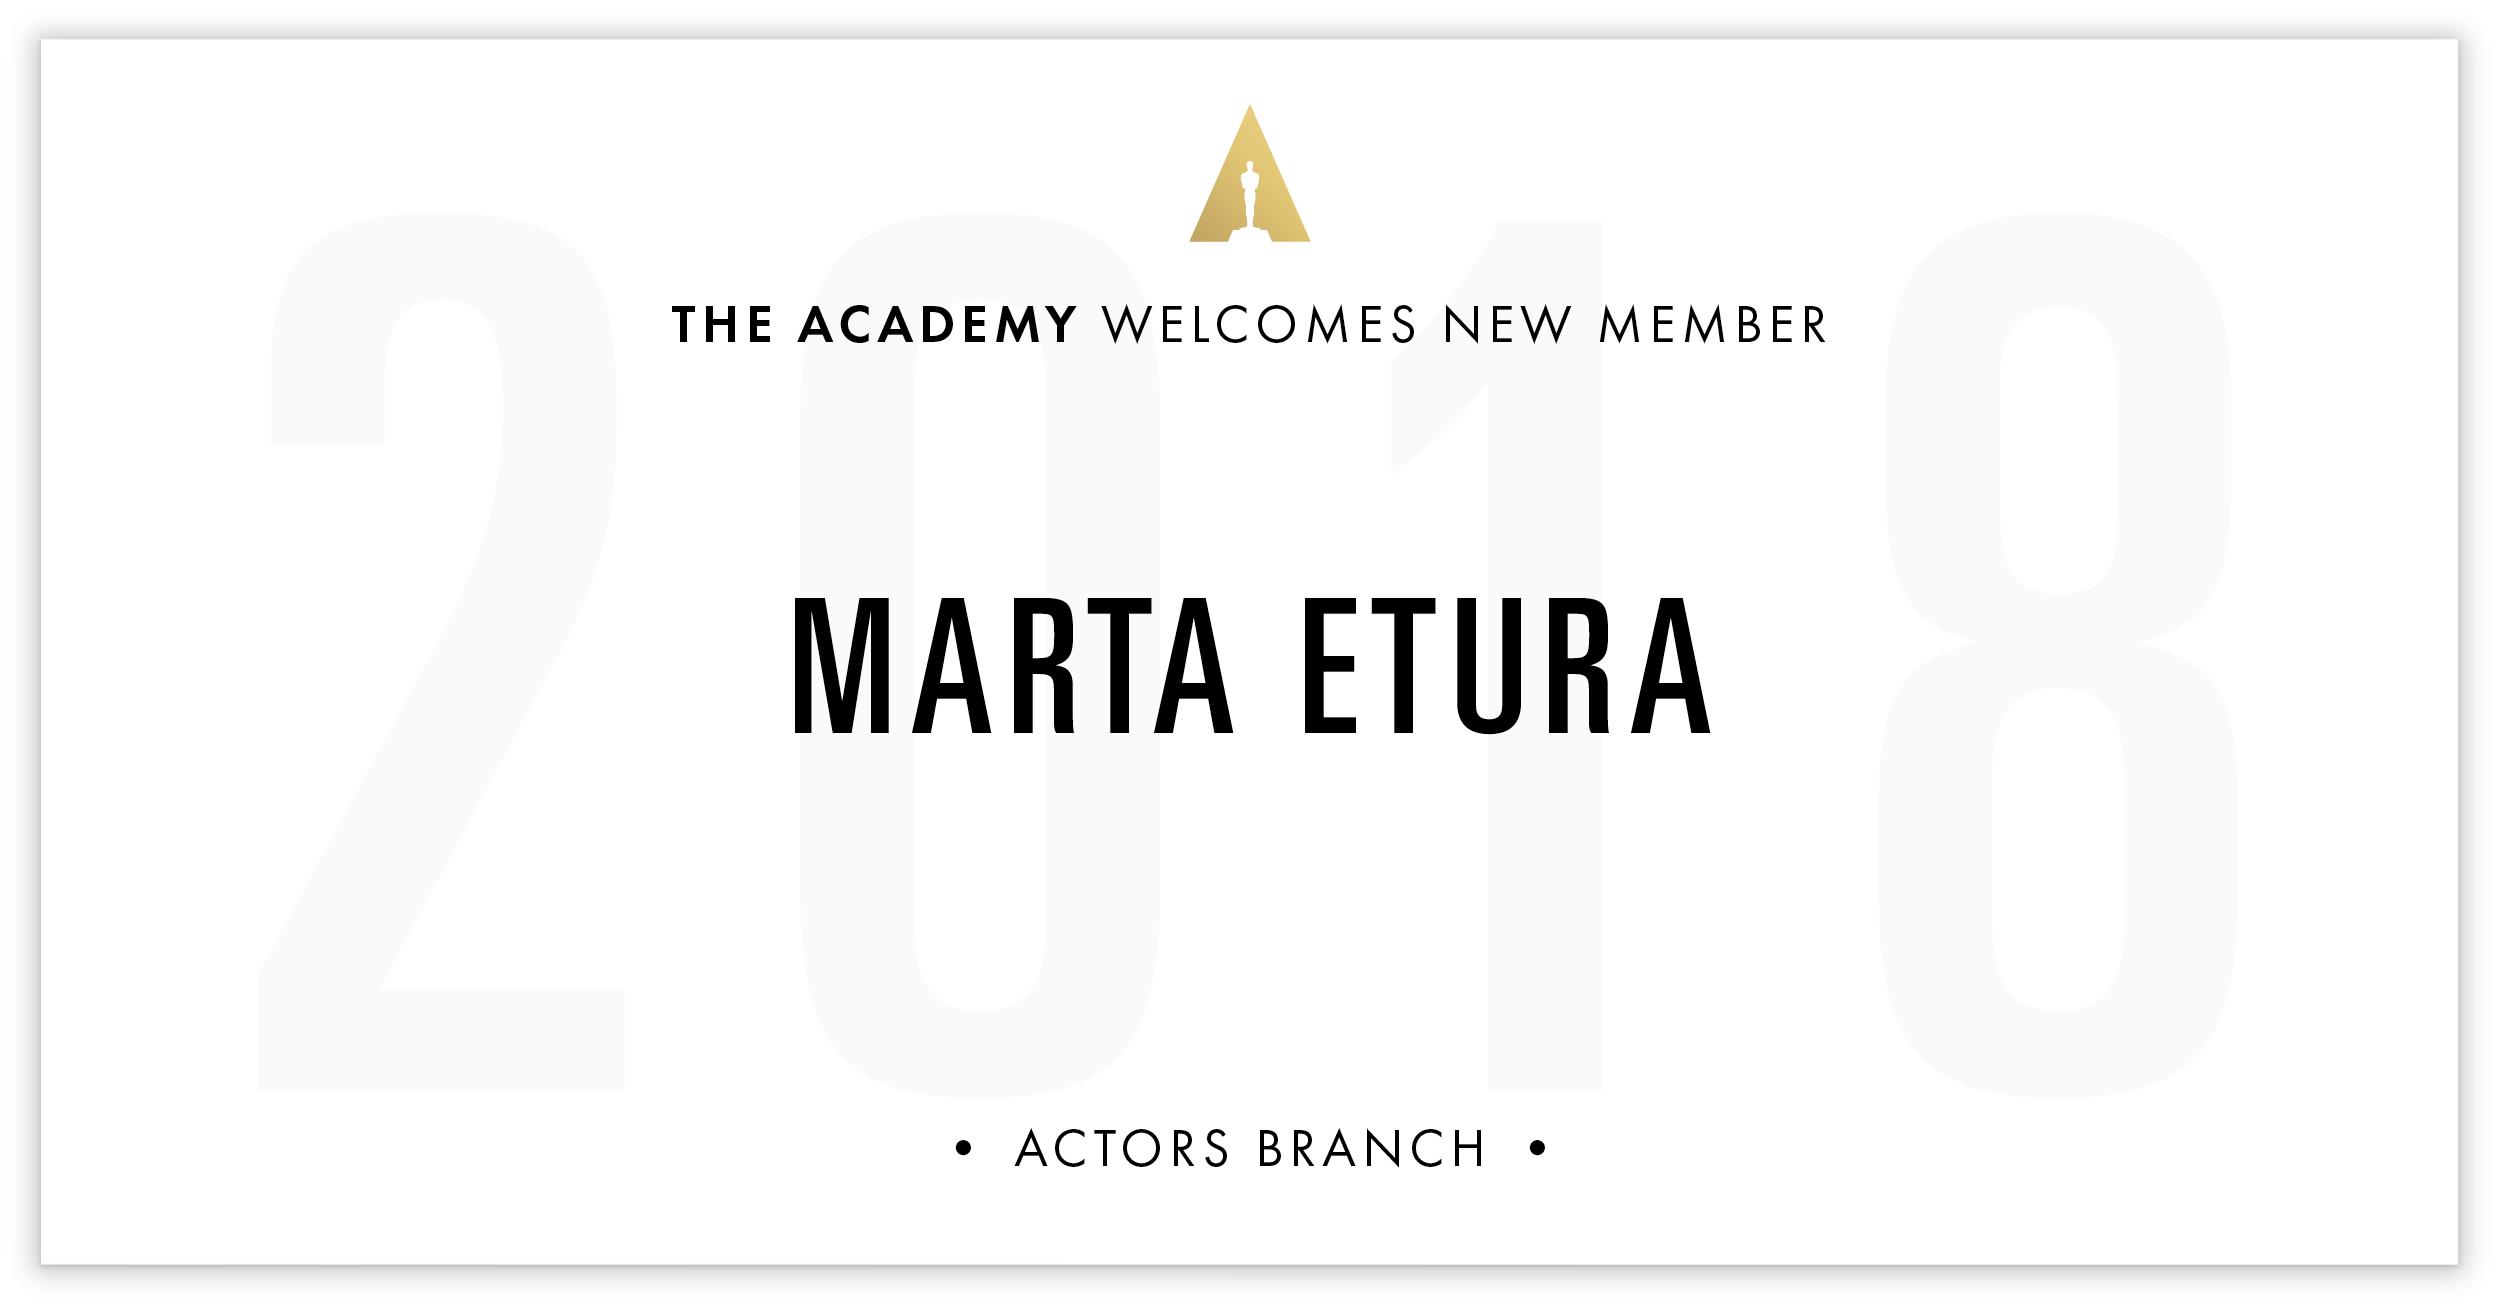 Marta Etura is invited!